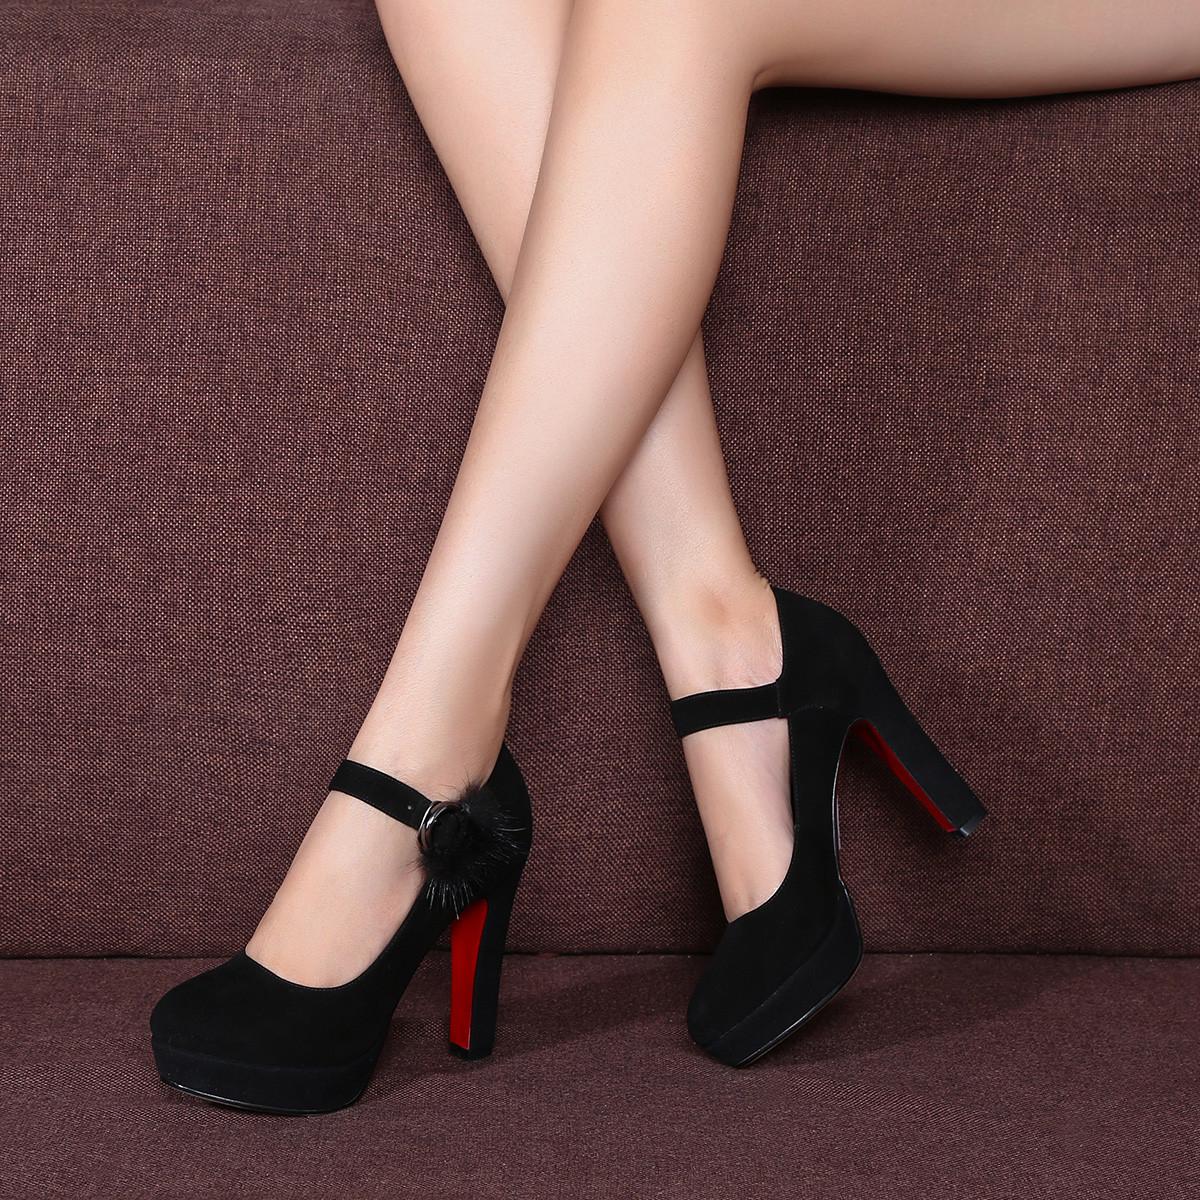 波尔谛奇新款【羊猄】优雅毛绒装饰通勤厚底尖头浅口女细高跟单鞋玛丽珍鞋B7QD91022-3-H1